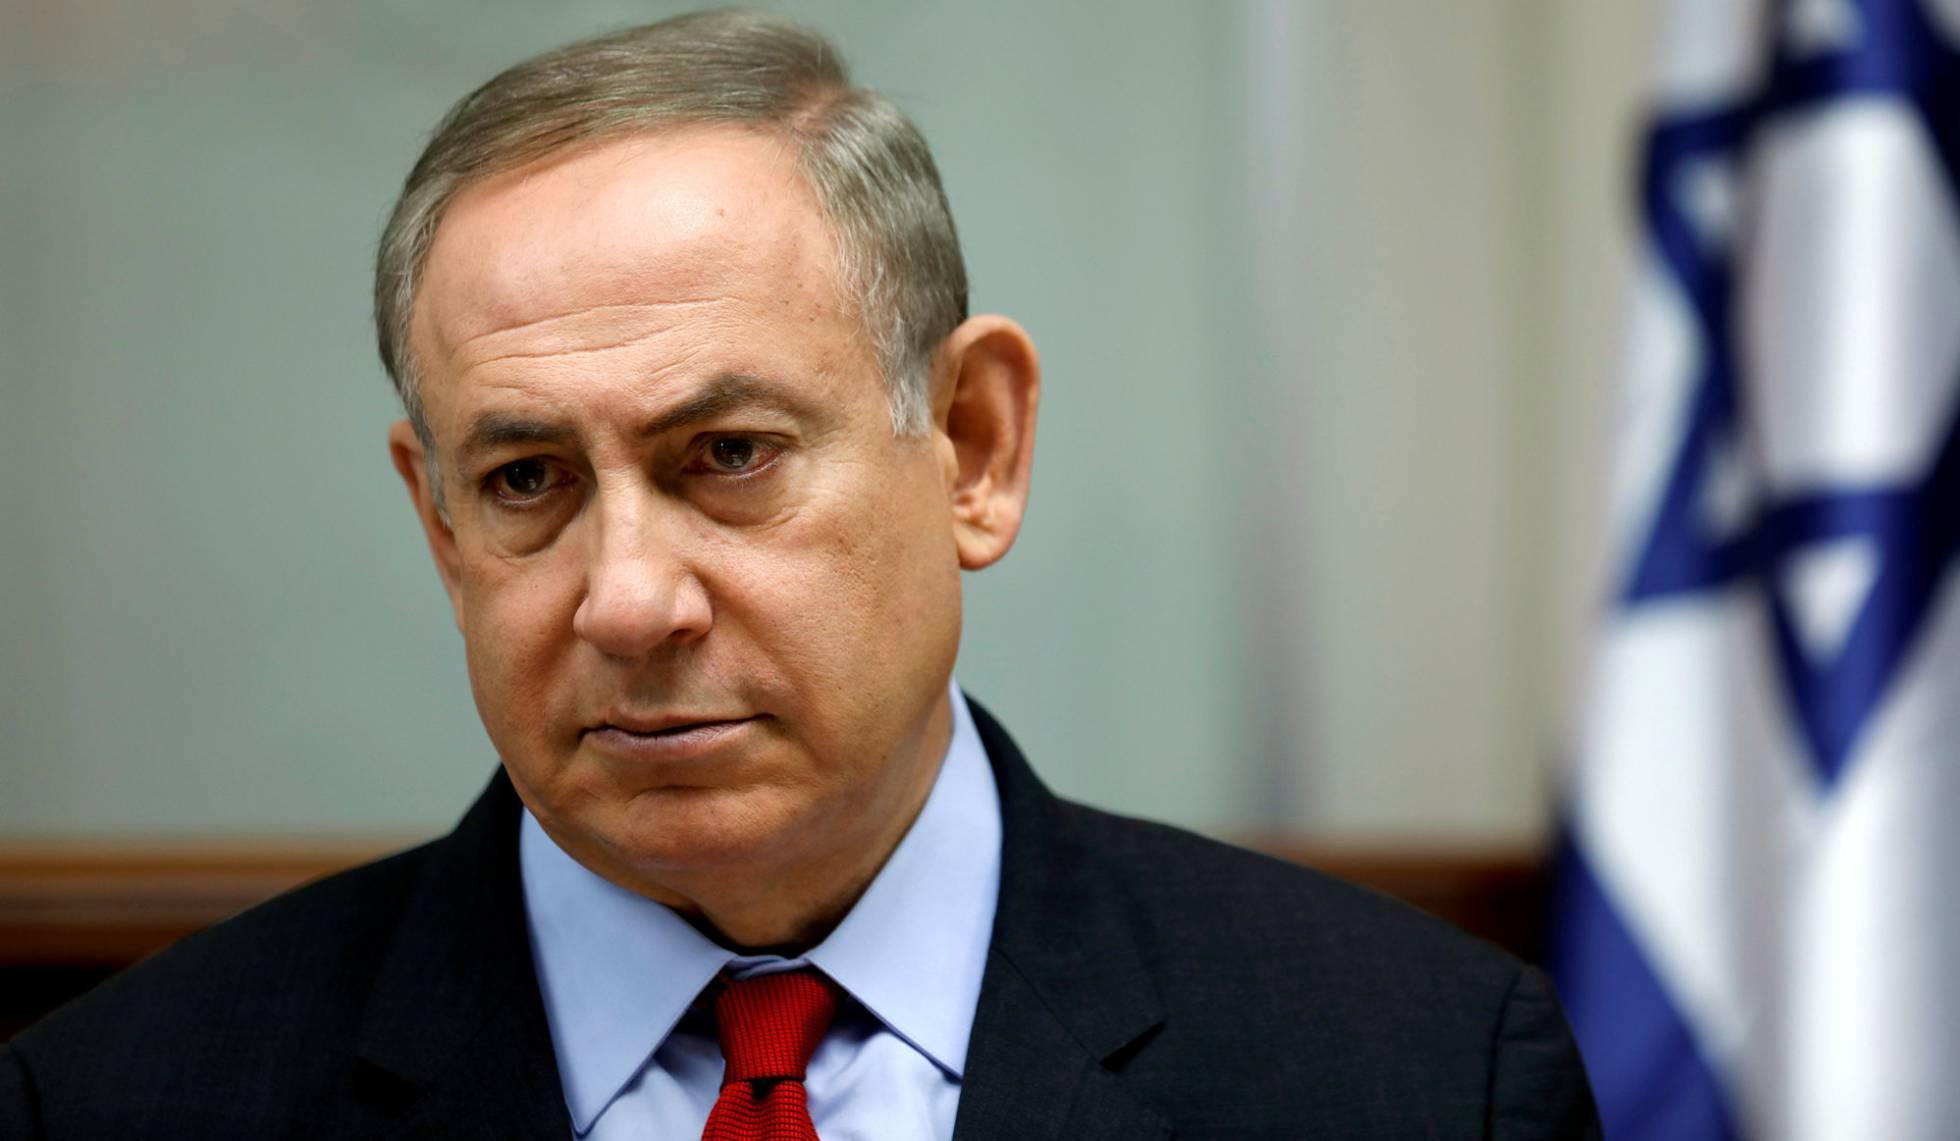 Conflicto Israel-Palestina - Página 29 1490905267_375322_1490905517_noticia_normal_recorte1